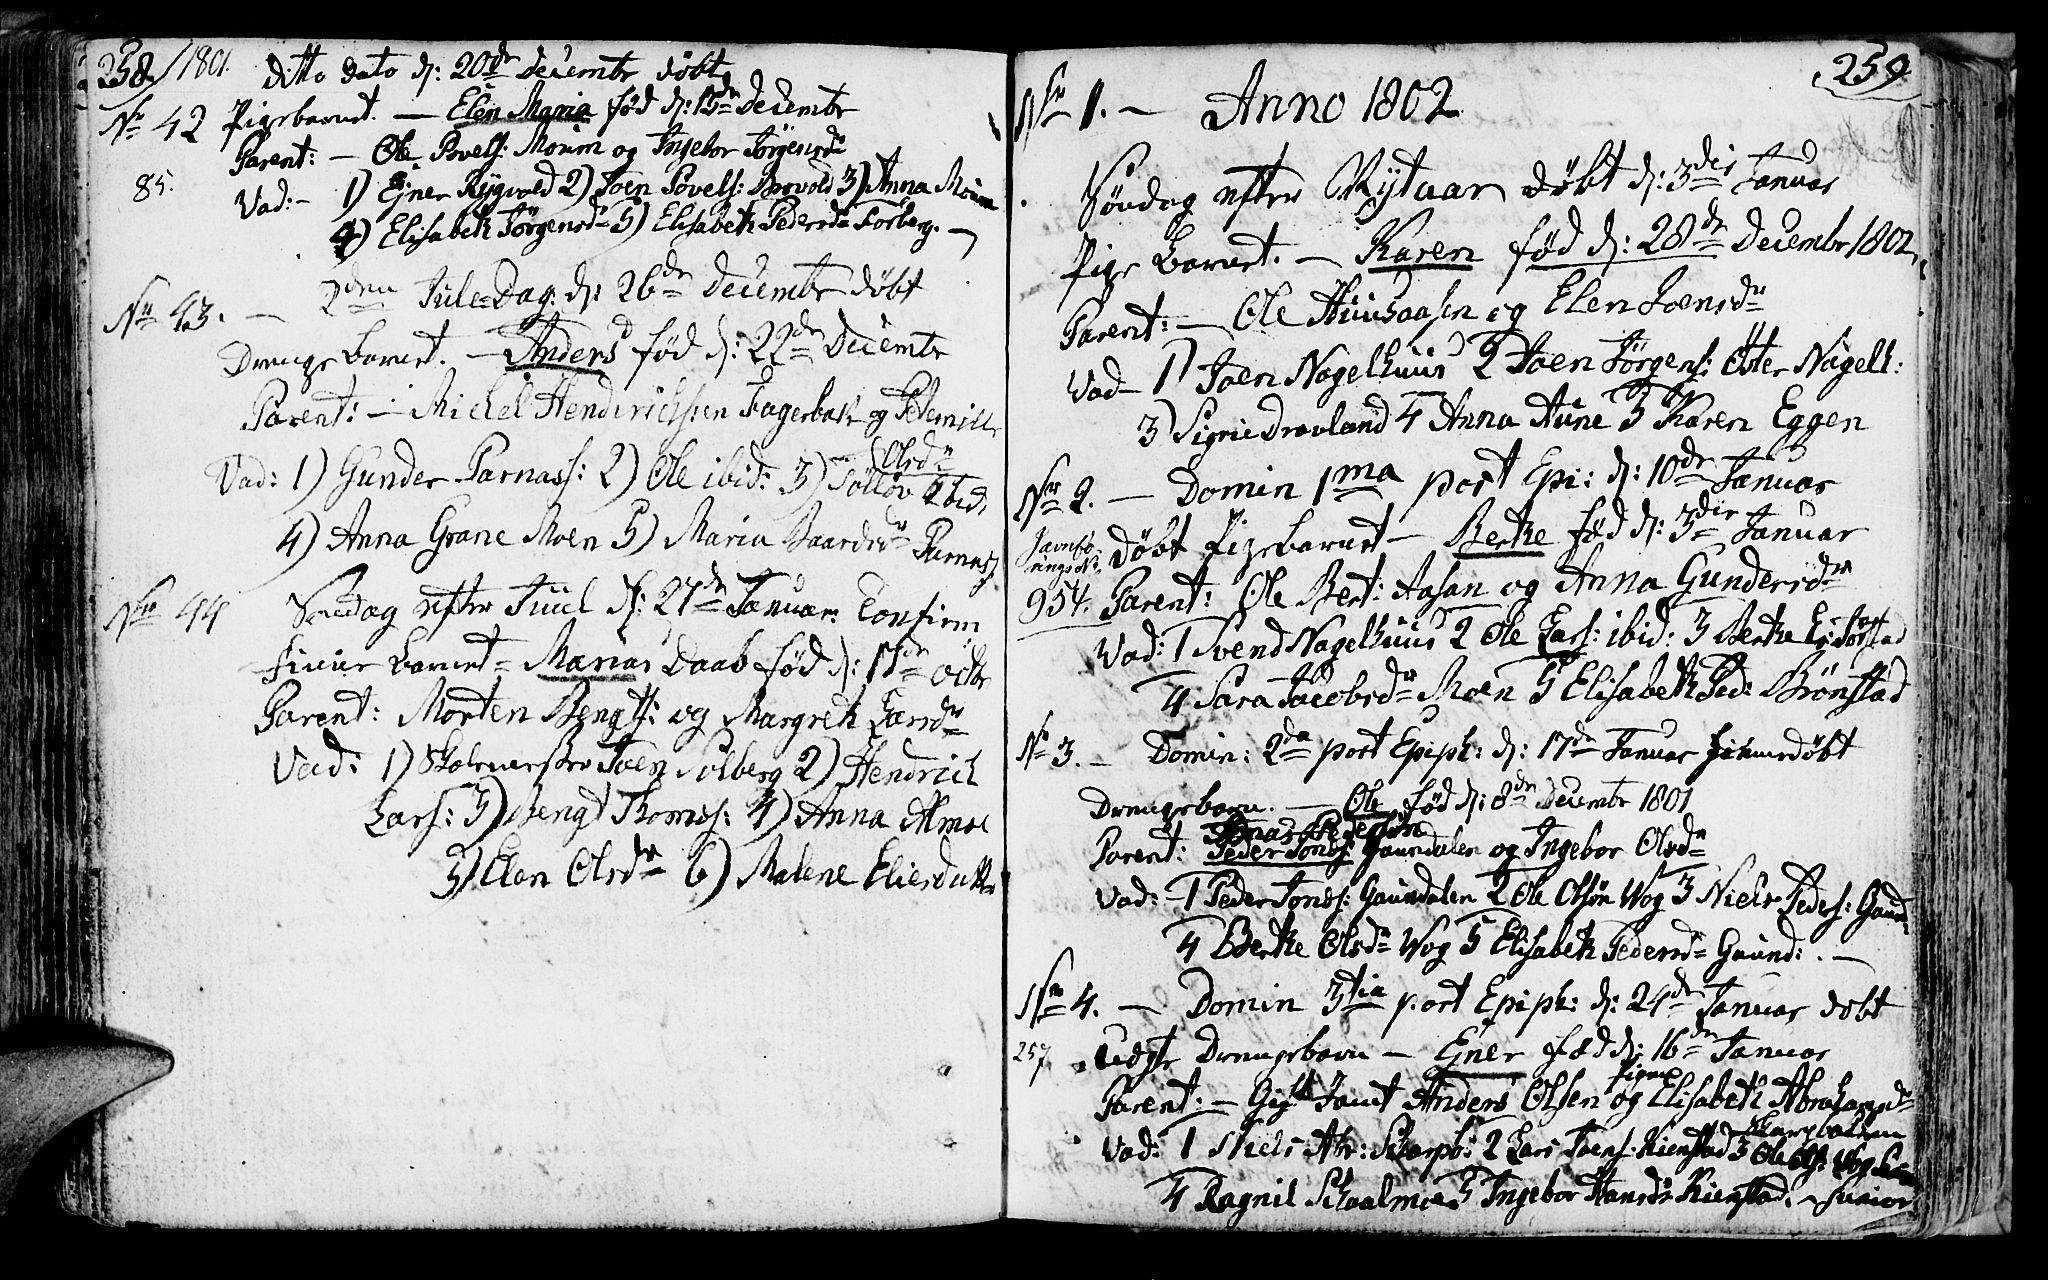 SAT, Ministerialprotokoller, klokkerbøker og fødselsregistre - Nord-Trøndelag, 749/L0468: Ministerialbok nr. 749A02, 1787-1817, s. 258-259